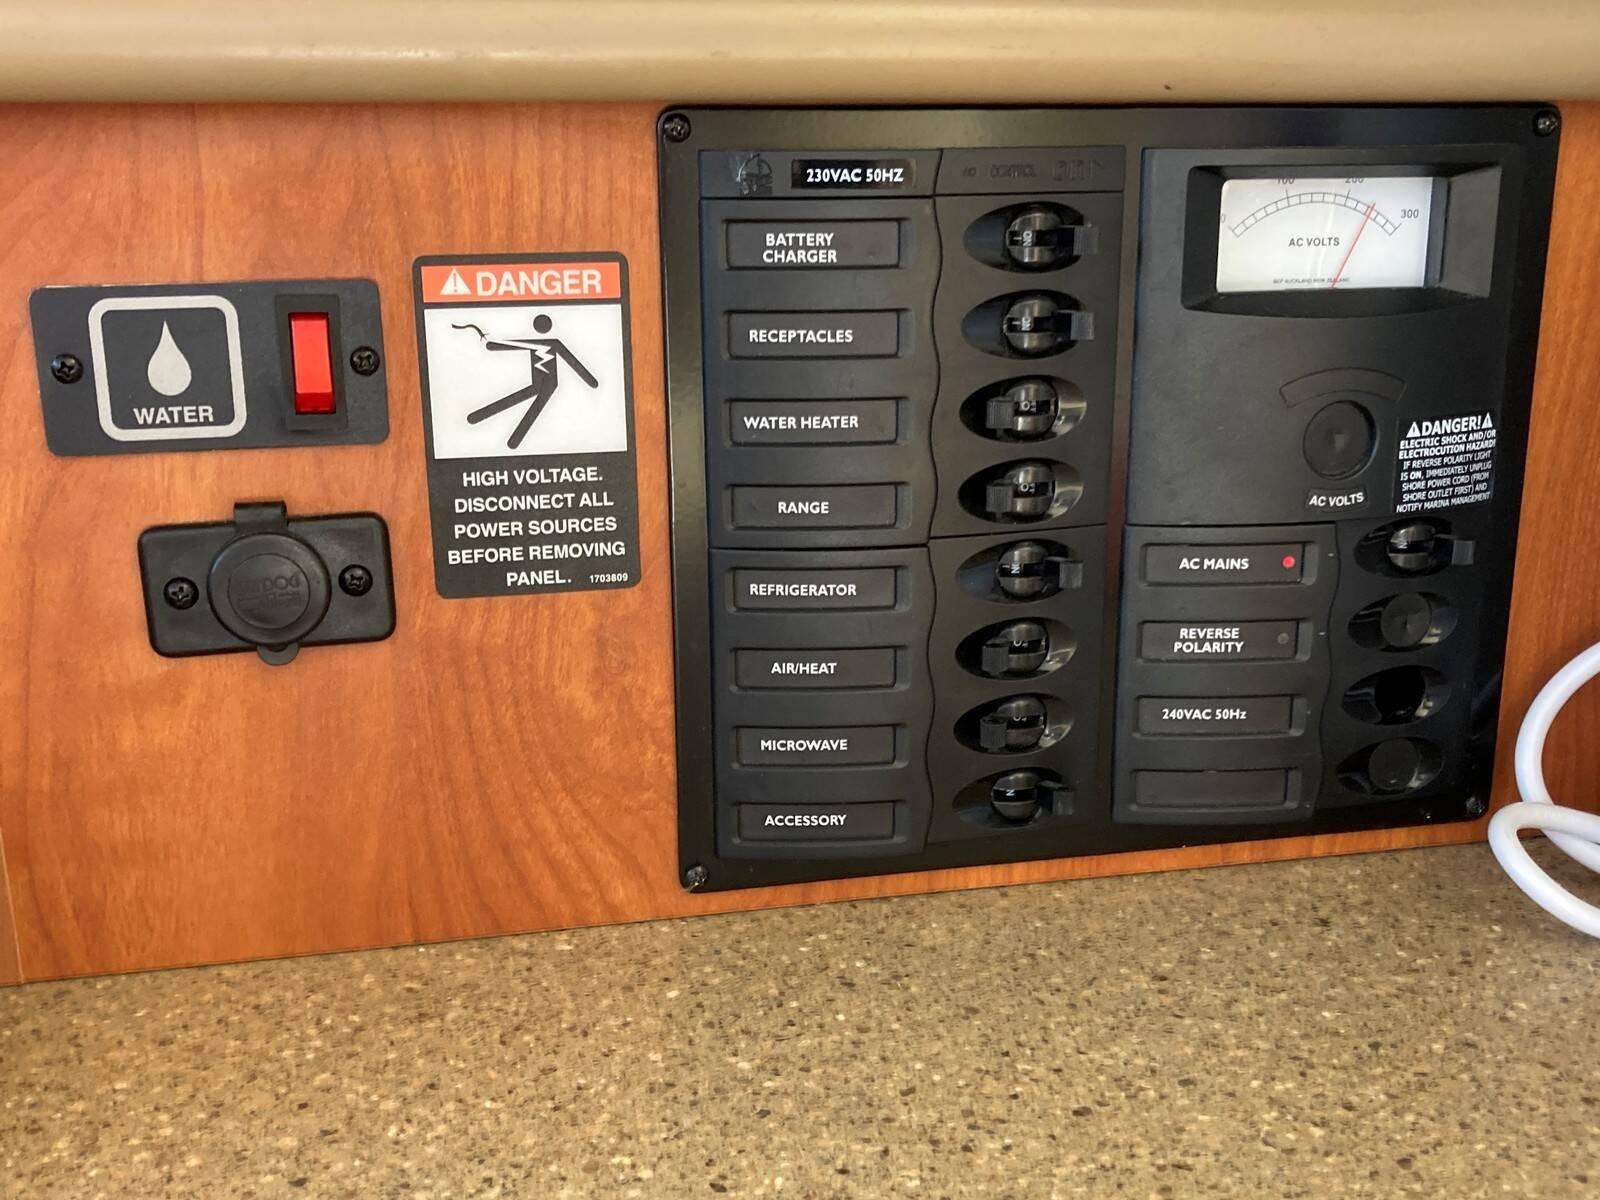 Bayliner 288 switchboard